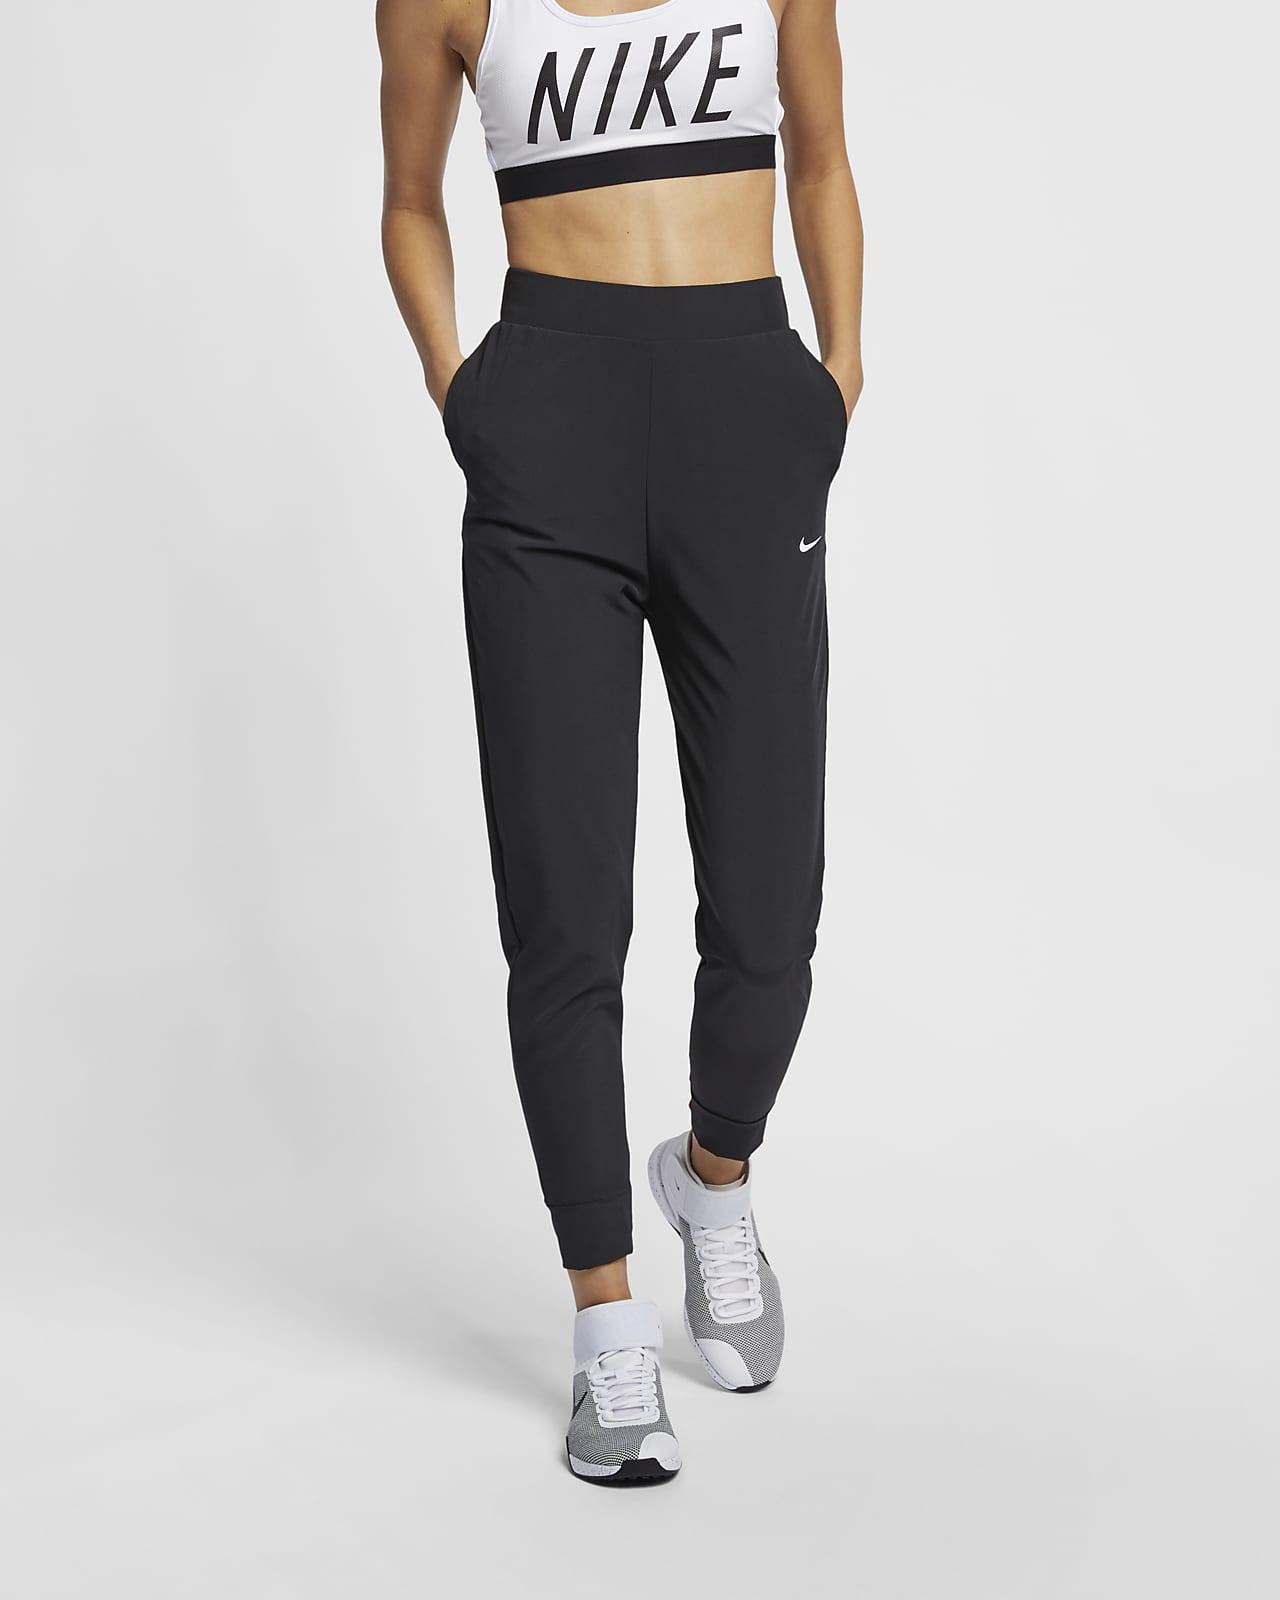 Nike Bliss Women's Training Pants. Nike.com